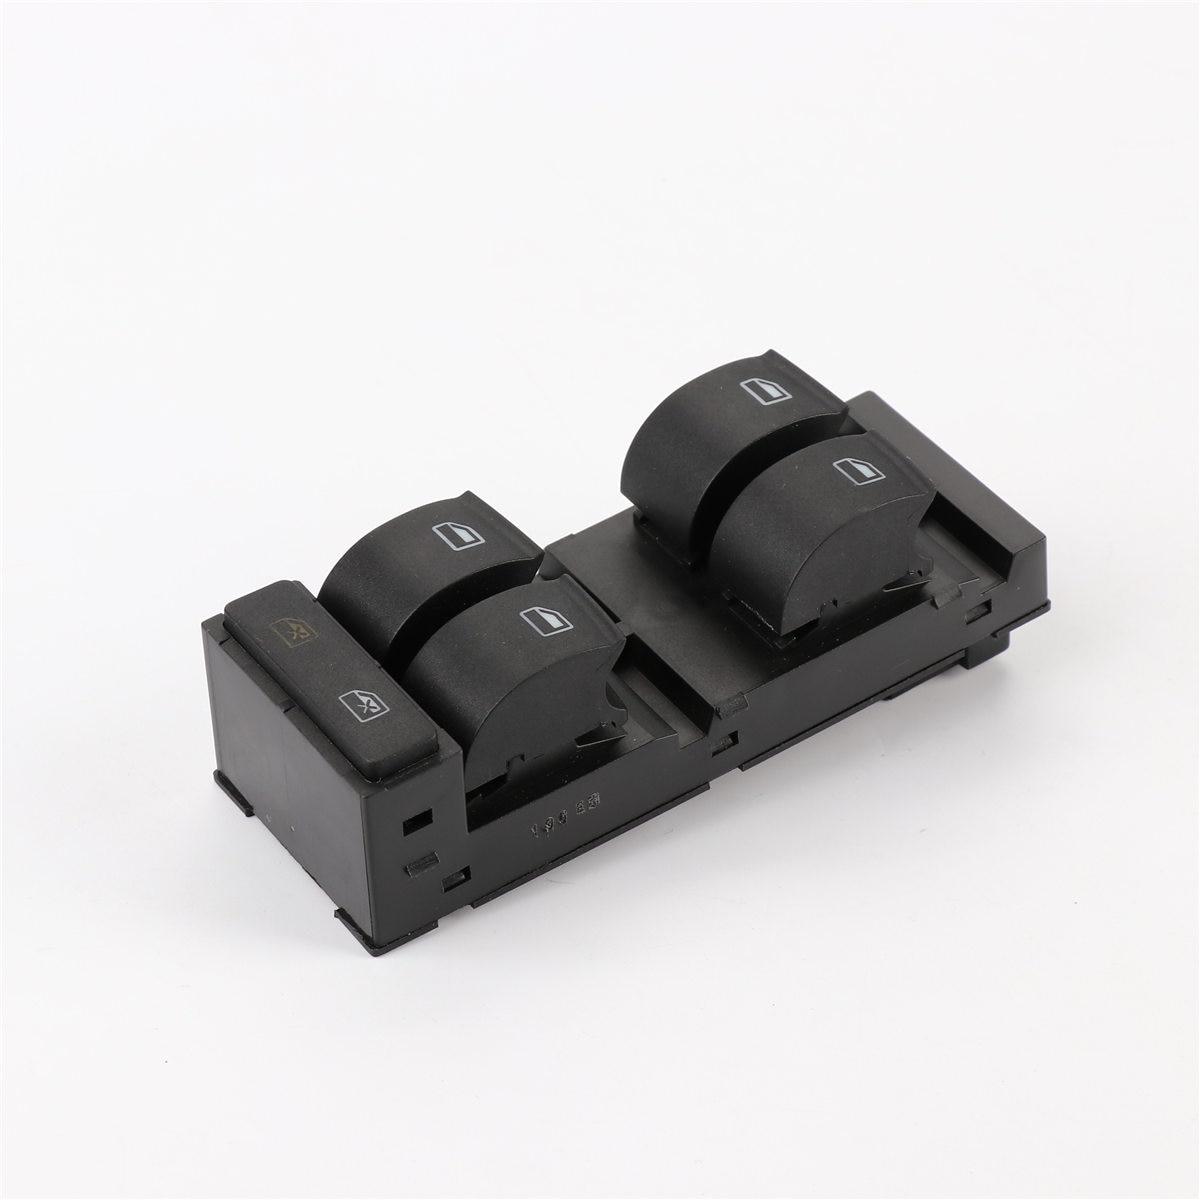 1 stücke Master Fensterheber Schalter Panel Taste für Audi A3 A6 C5 RS6 S6 Allroad 4B0 959 851 B